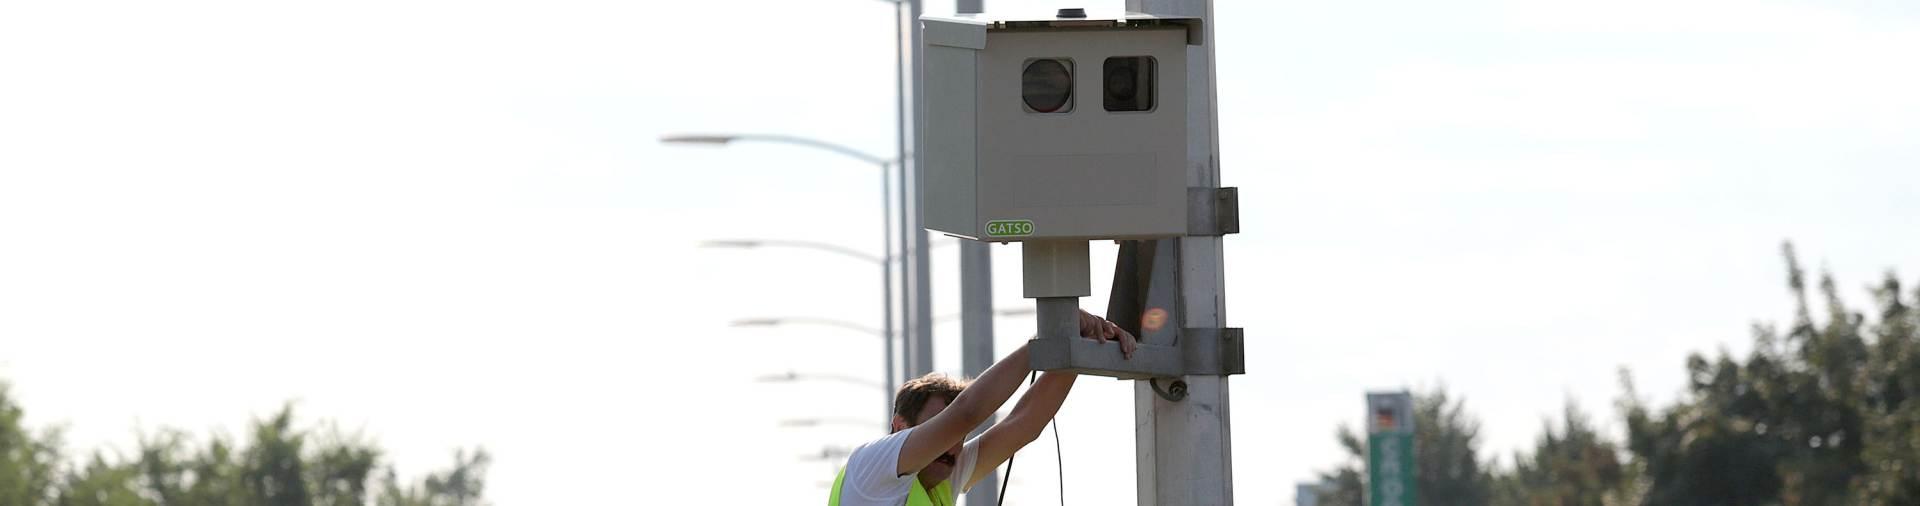 Policija će nesavjesne vozače odsad hvatati novim, posebnim kamerama